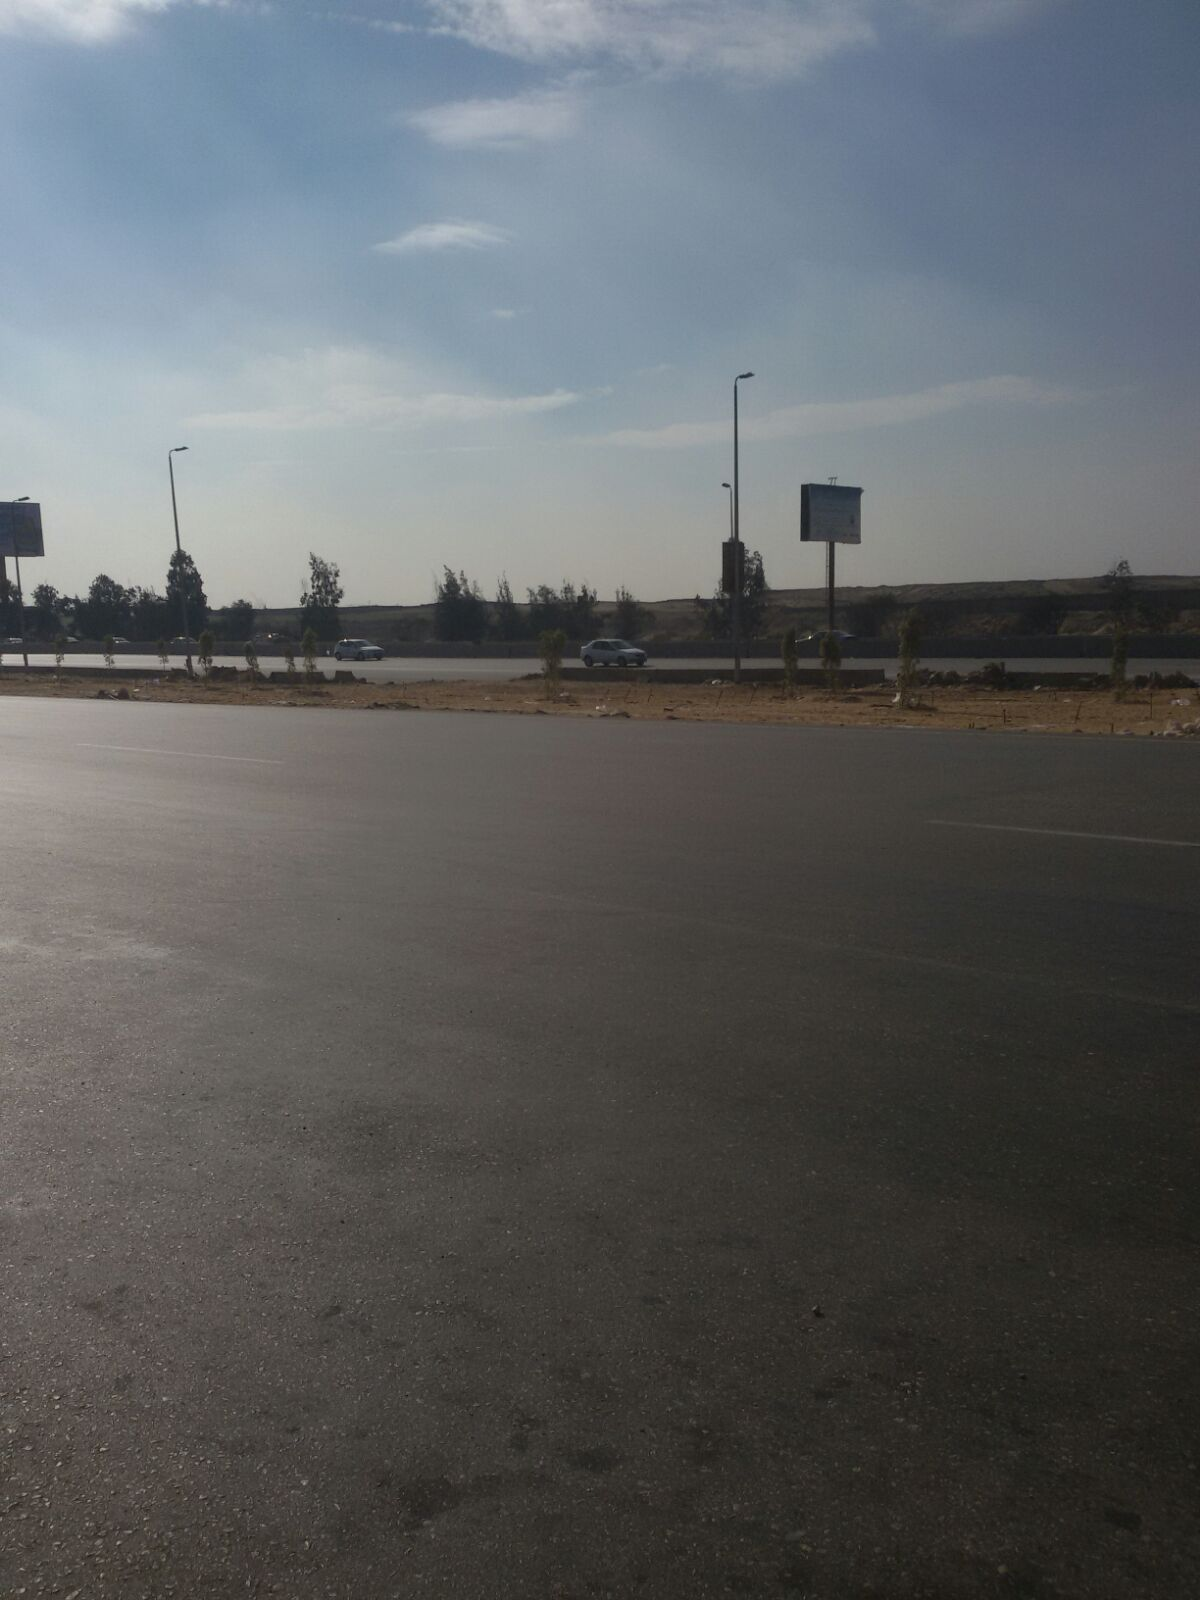 مواطن: عبور الدائري أمام كايرو فستيفال يعرضنا لخطر الموت يوميًا